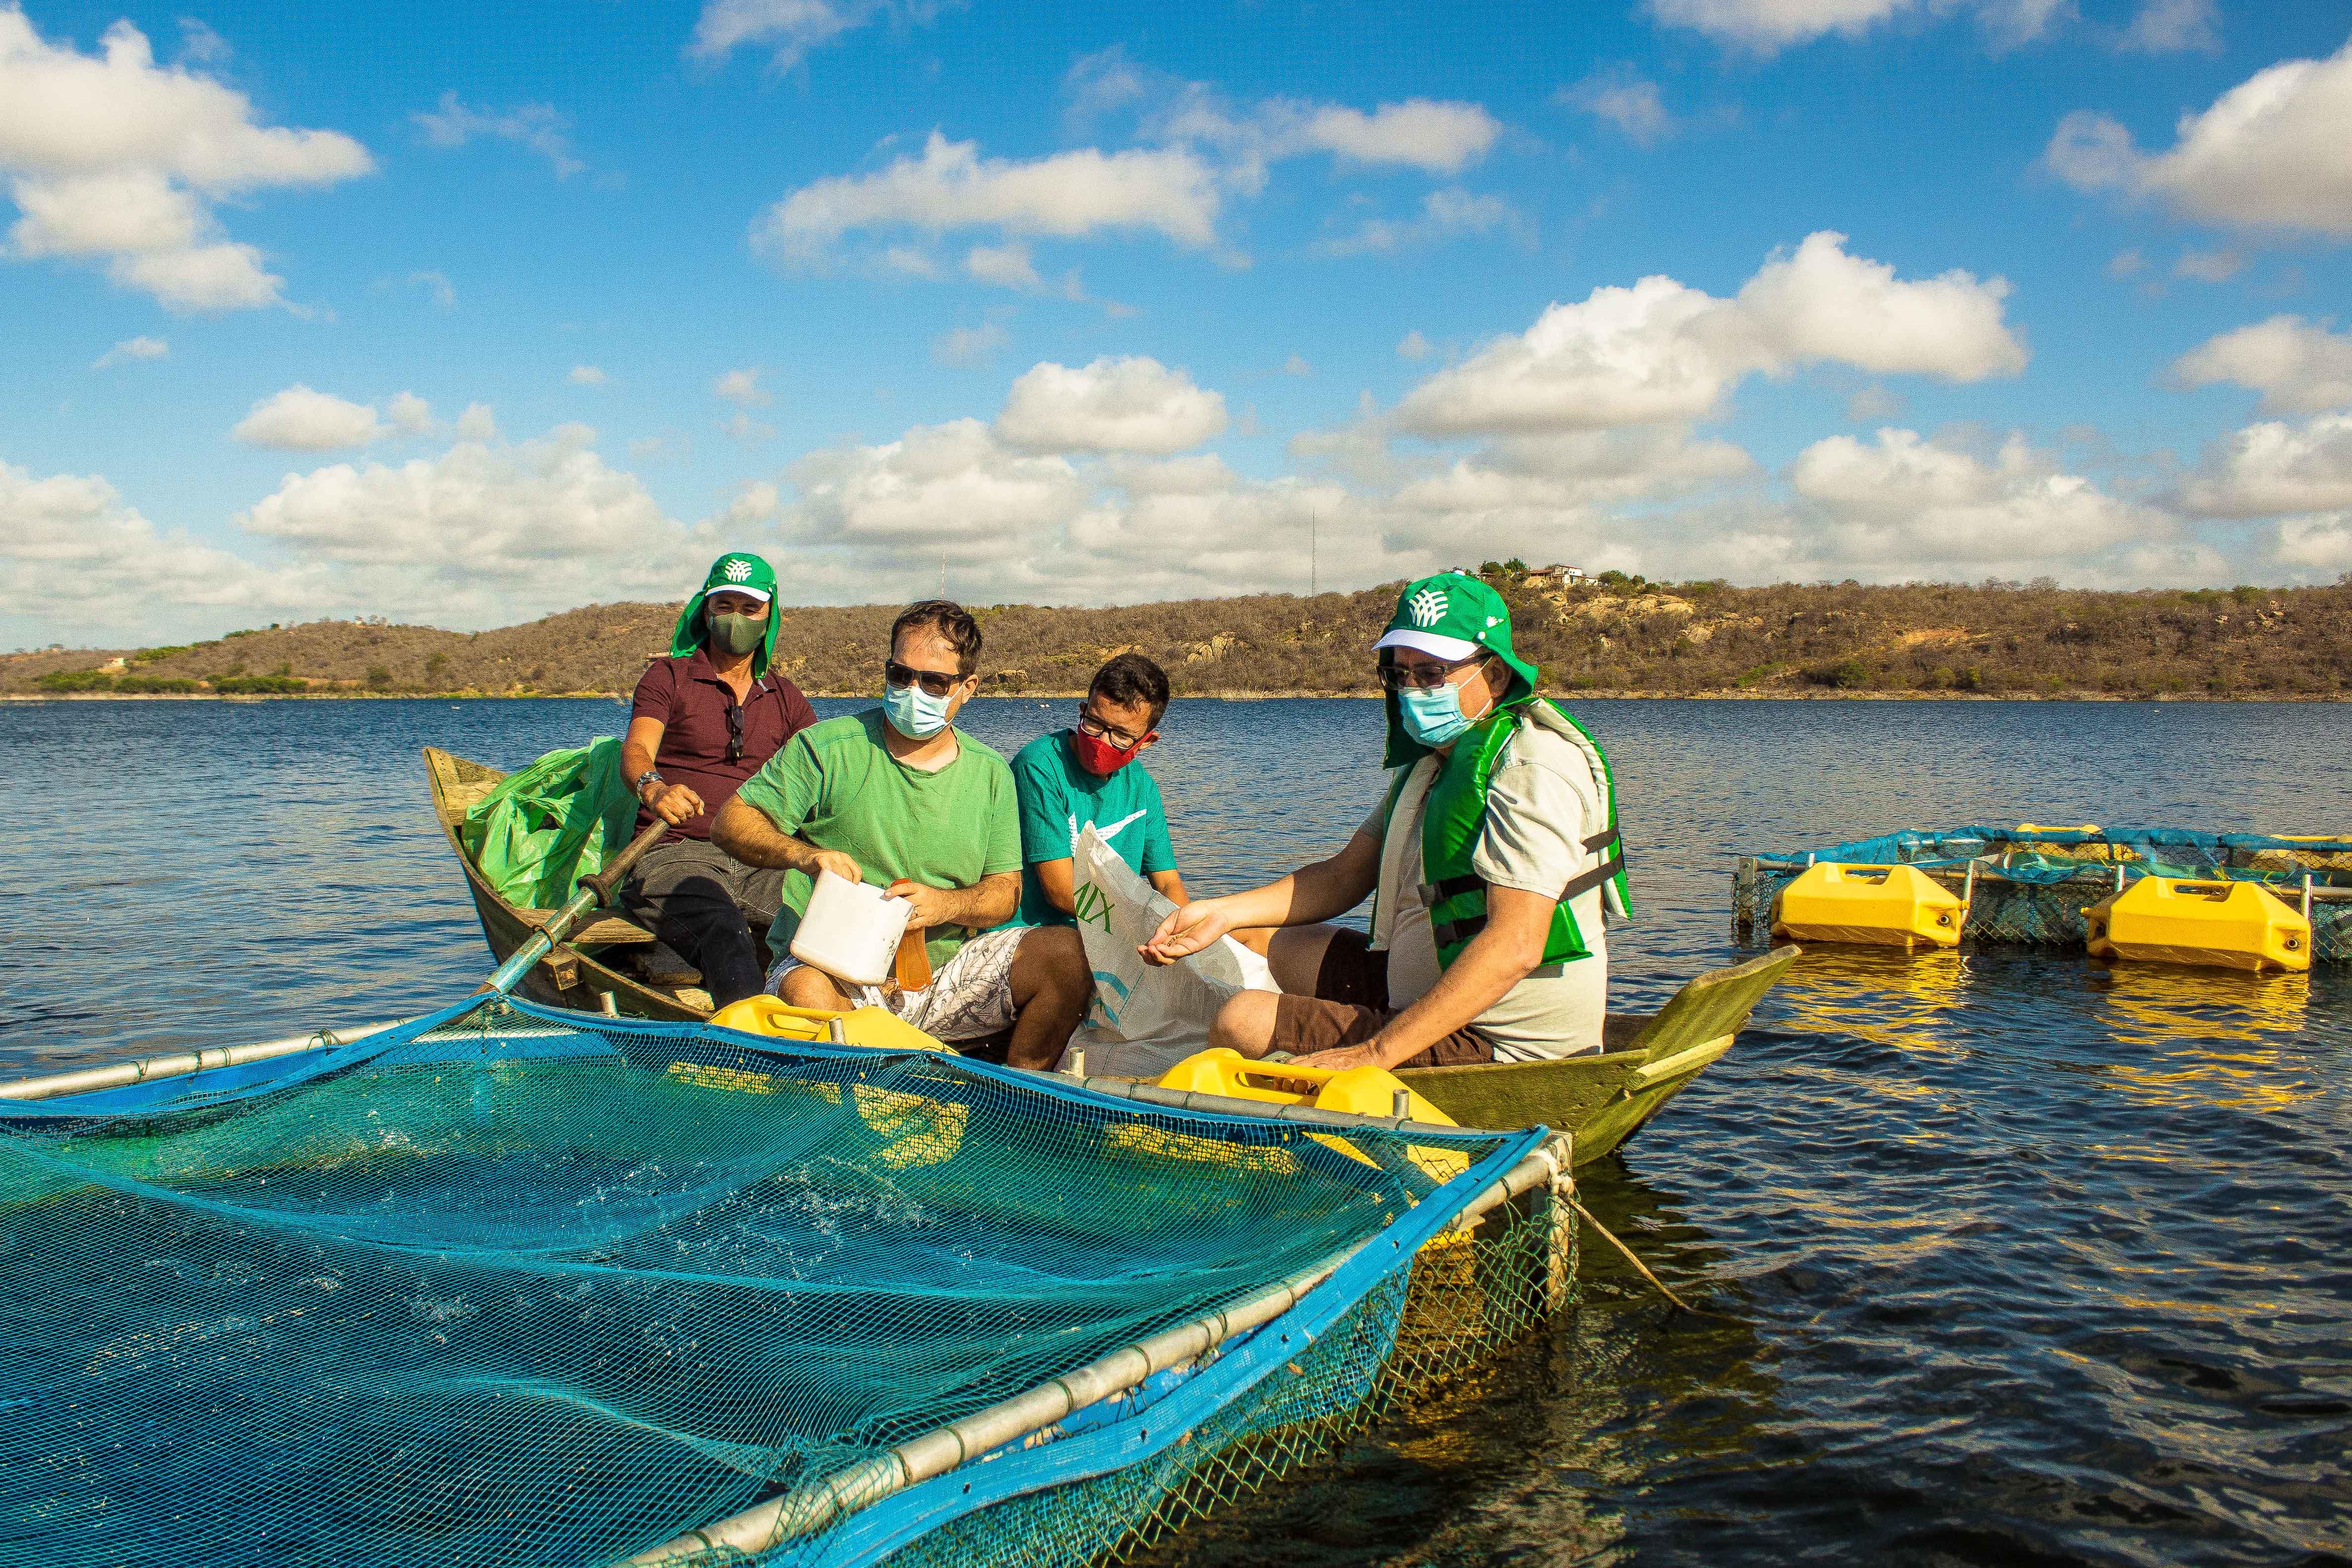 2021-09-17-e-19-curso-piscicultura-francisco-cesar-4486.jpg